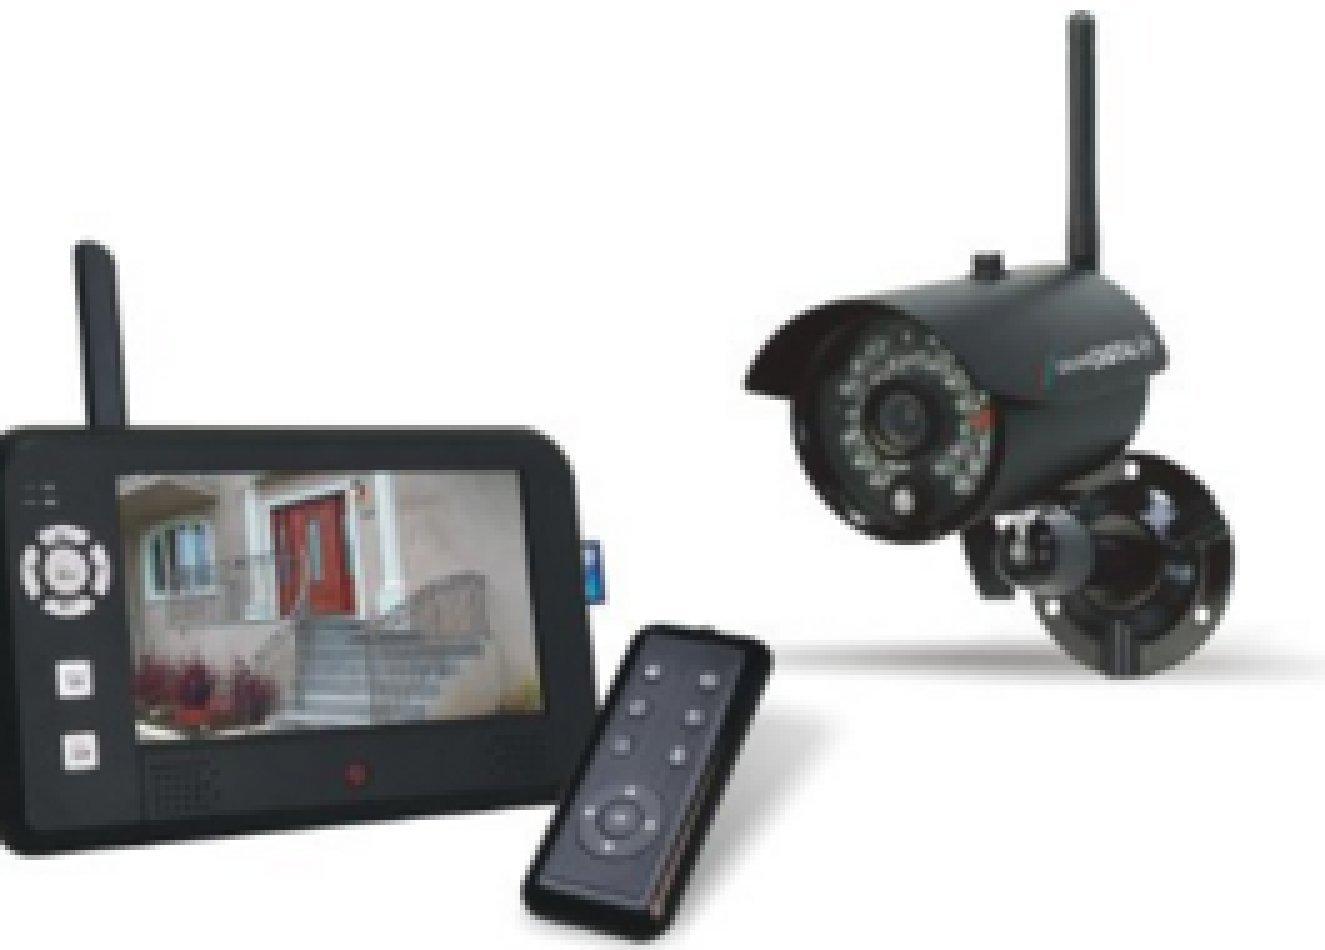 お気に入りの Byron Elro Digi Elro Camera System 4 Digi Channel with 7-inch 7-inch Screen [並行輸入品] B017FQNAT4, 婚約指輪ダイヤモンドJジュエリー:54233b8a --- a0267596.xsph.ru